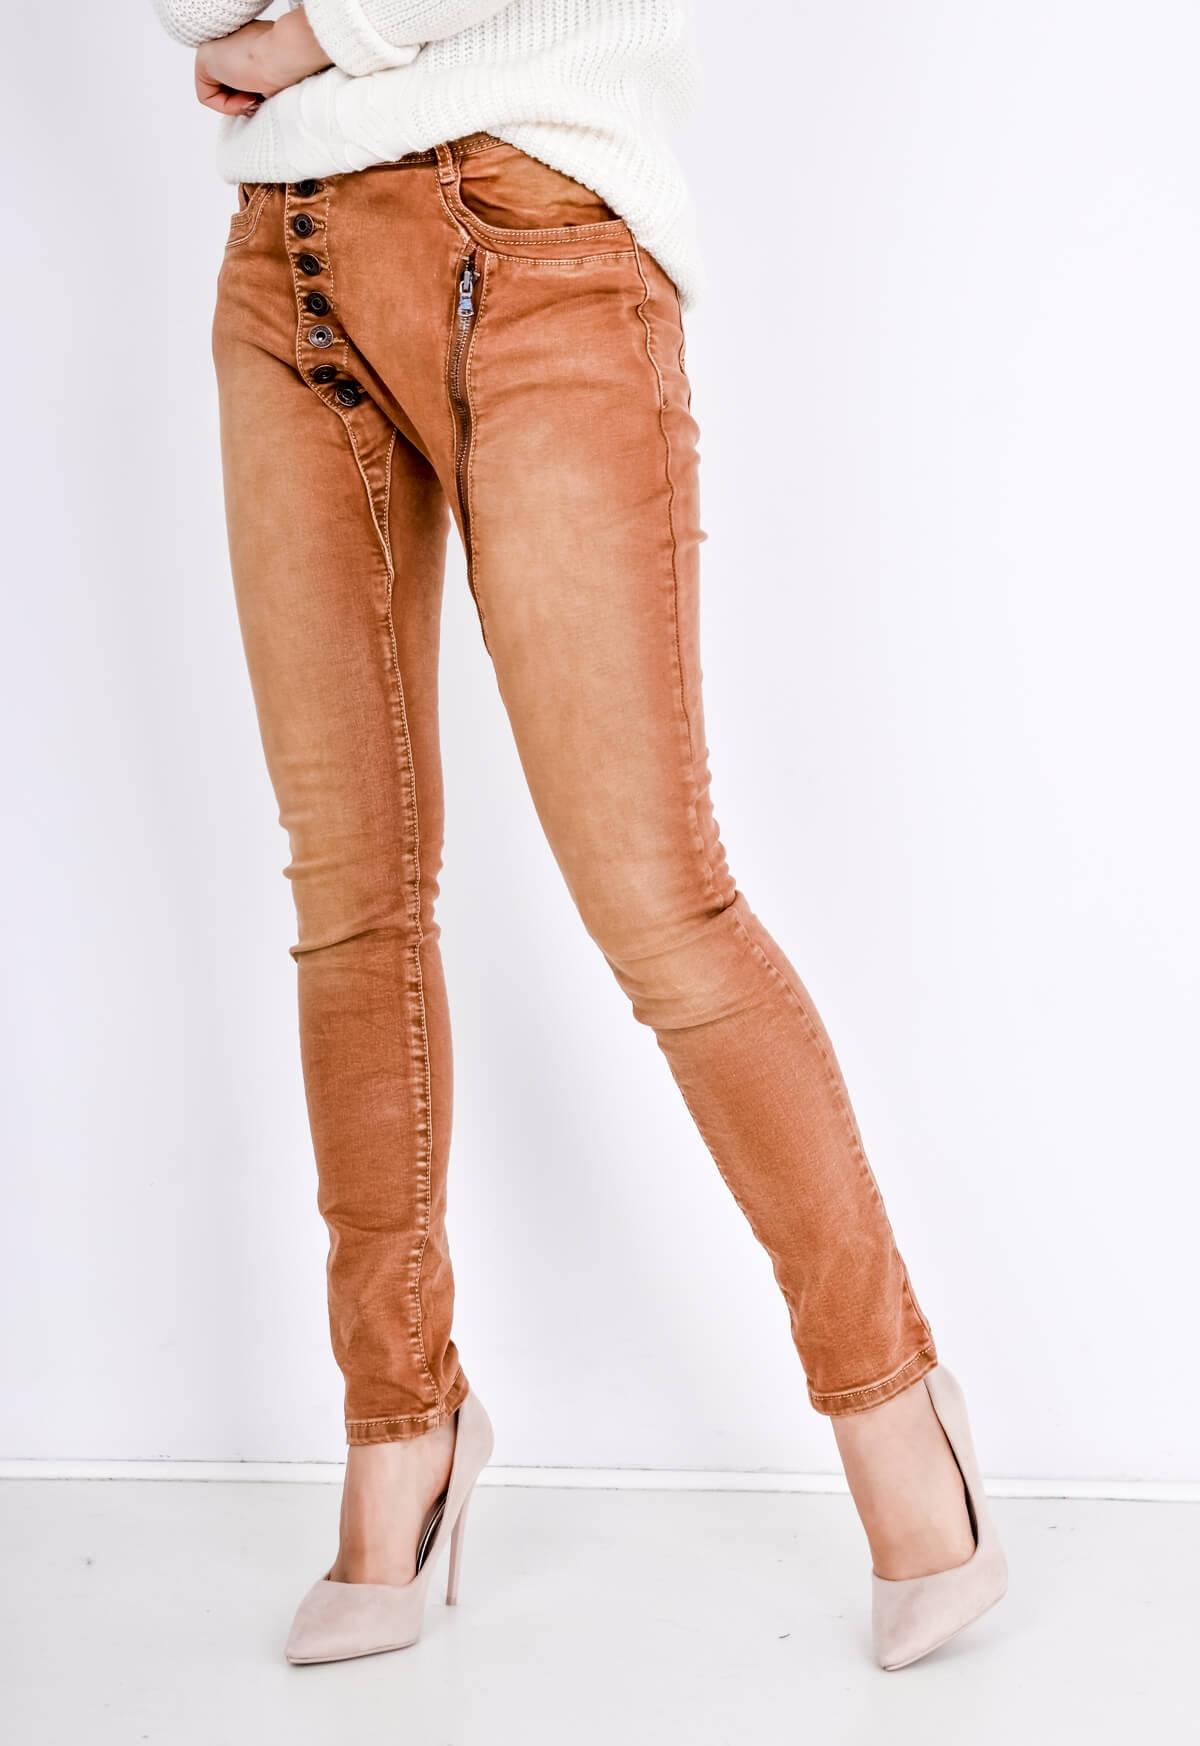 Barevné jeansy s osmi knoflíky